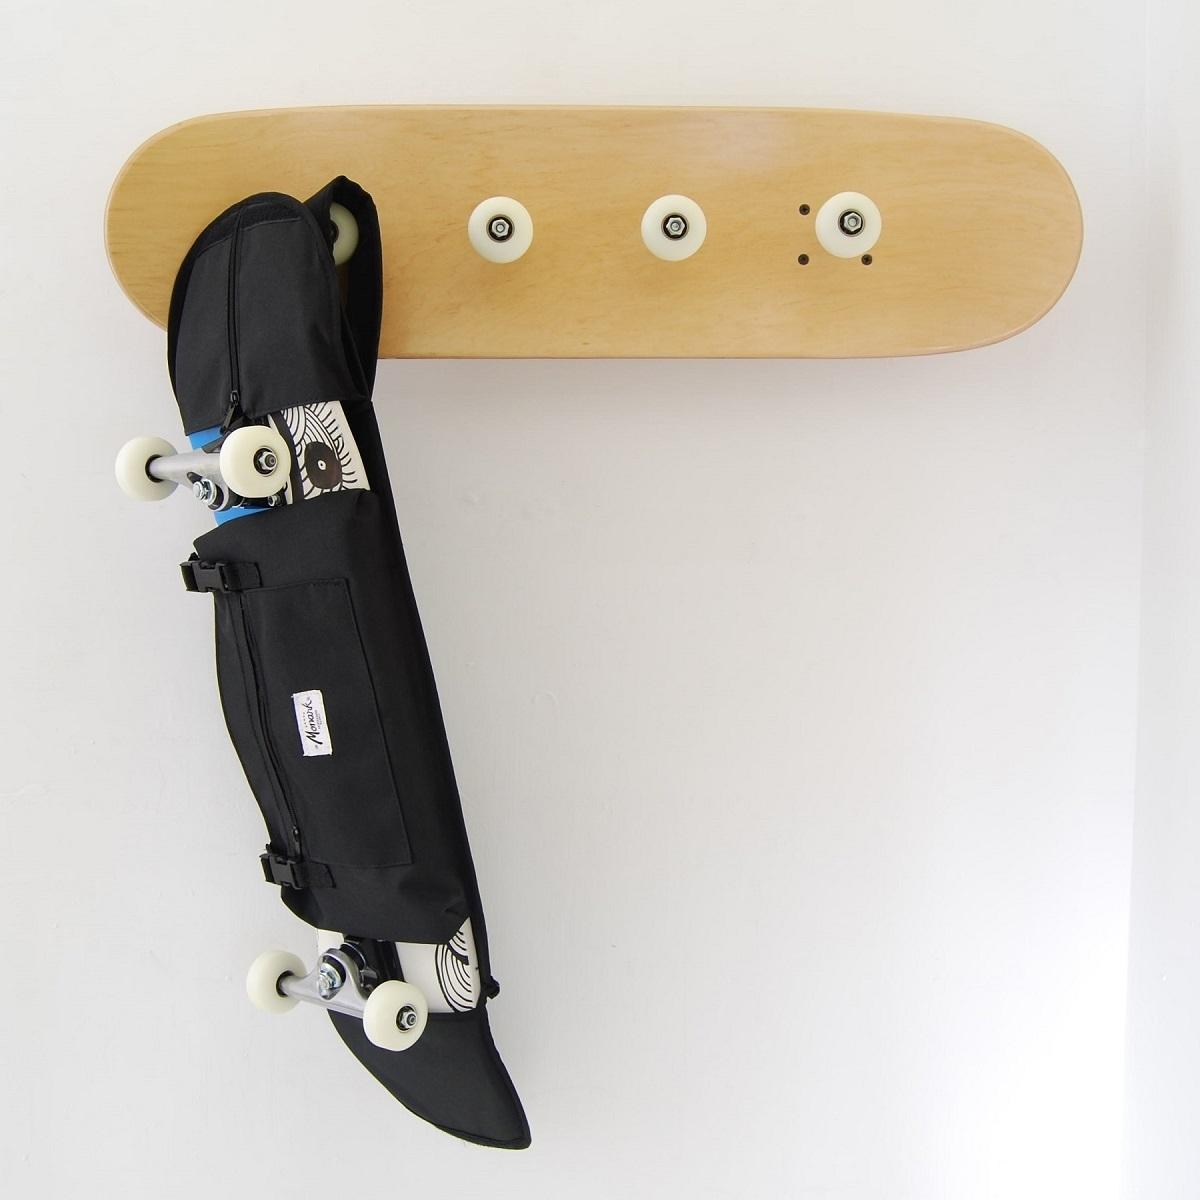 excellente porte manteau de patin et un sac de planche de skate pour transporter sa planche pour. Black Bedroom Furniture Sets. Home Design Ideas